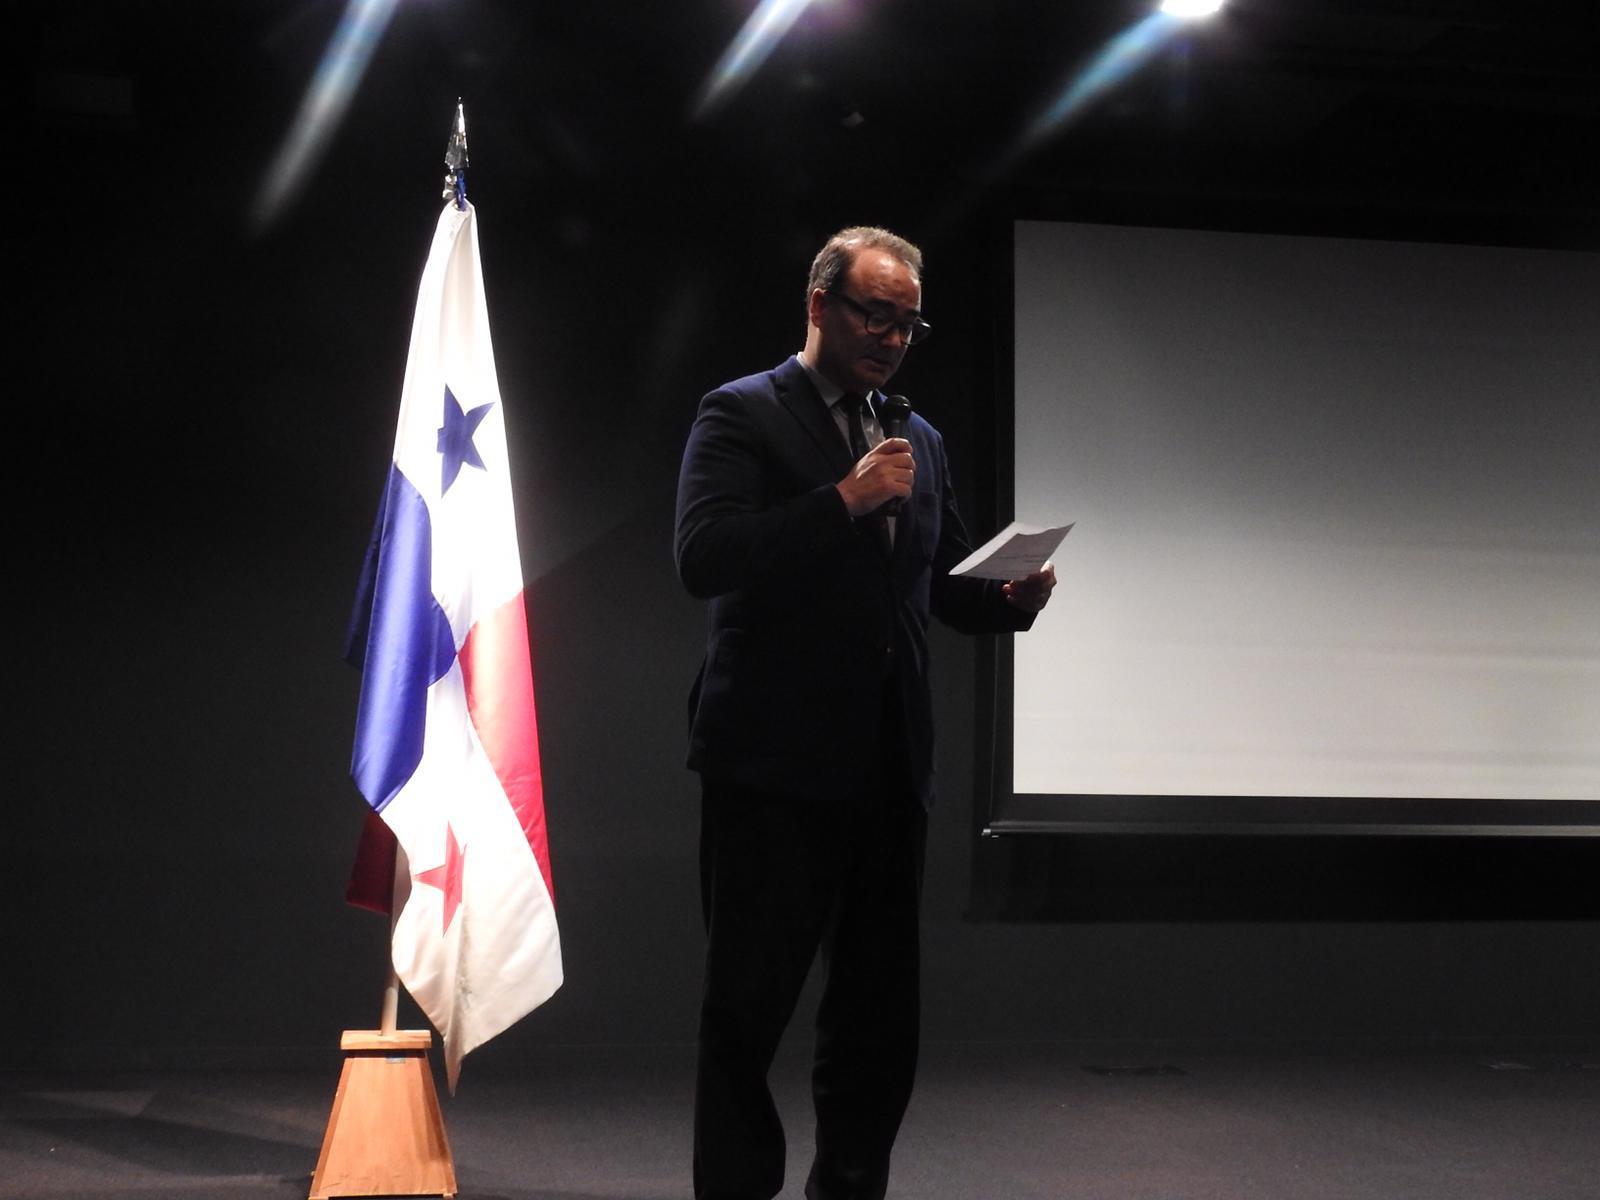 セルバンテス文化センターウガルテ館長による開会の言葉